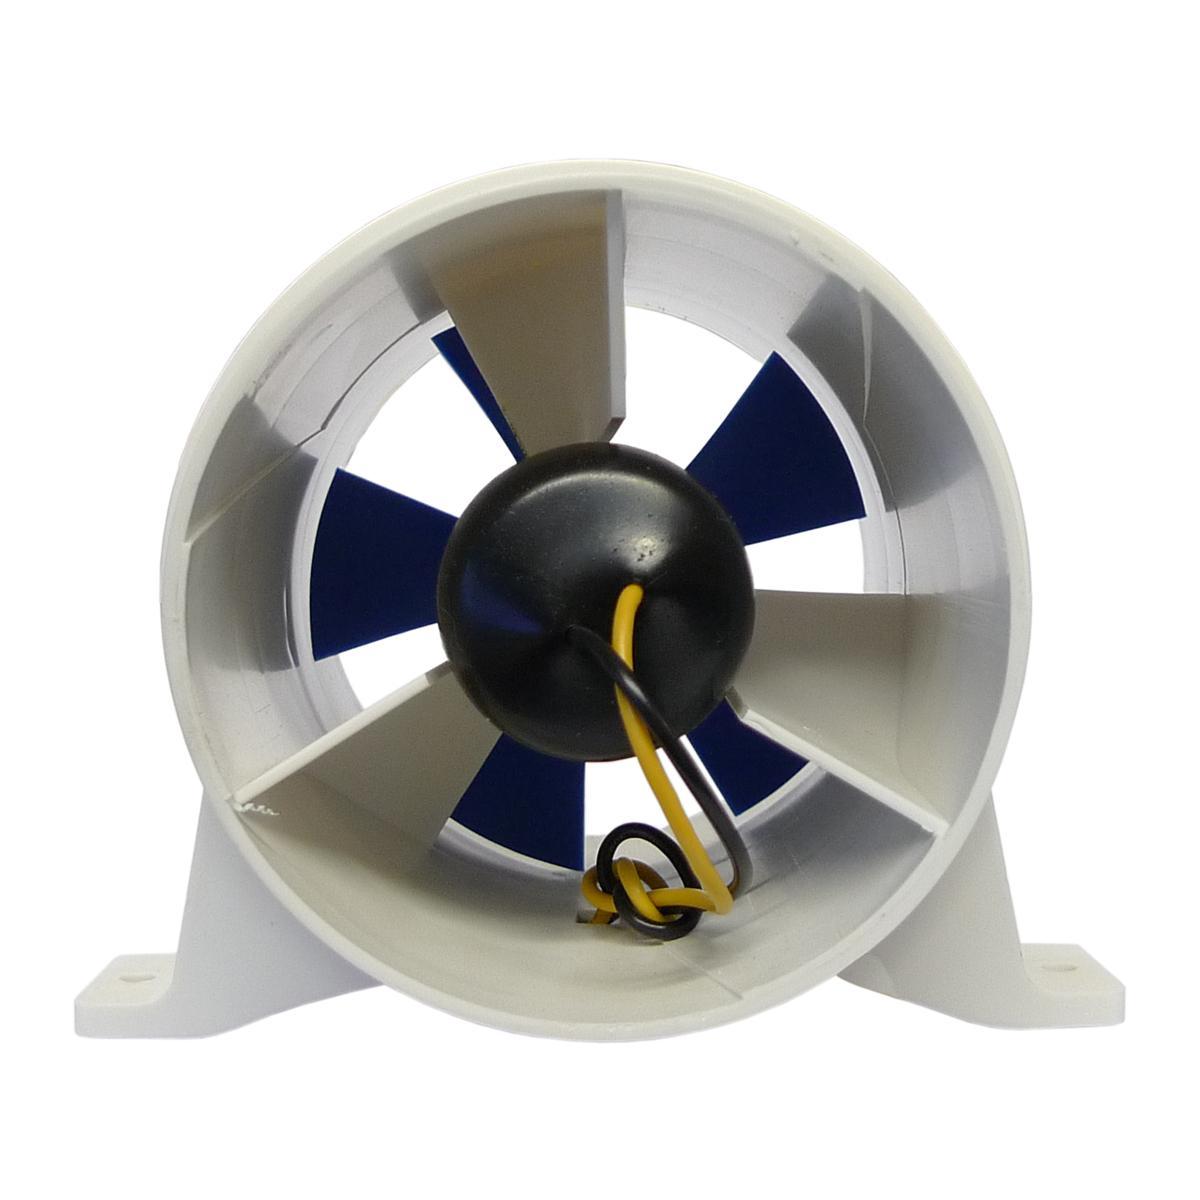 76mm In Line Blower Fan Cwp140 From Merlin Motorsport